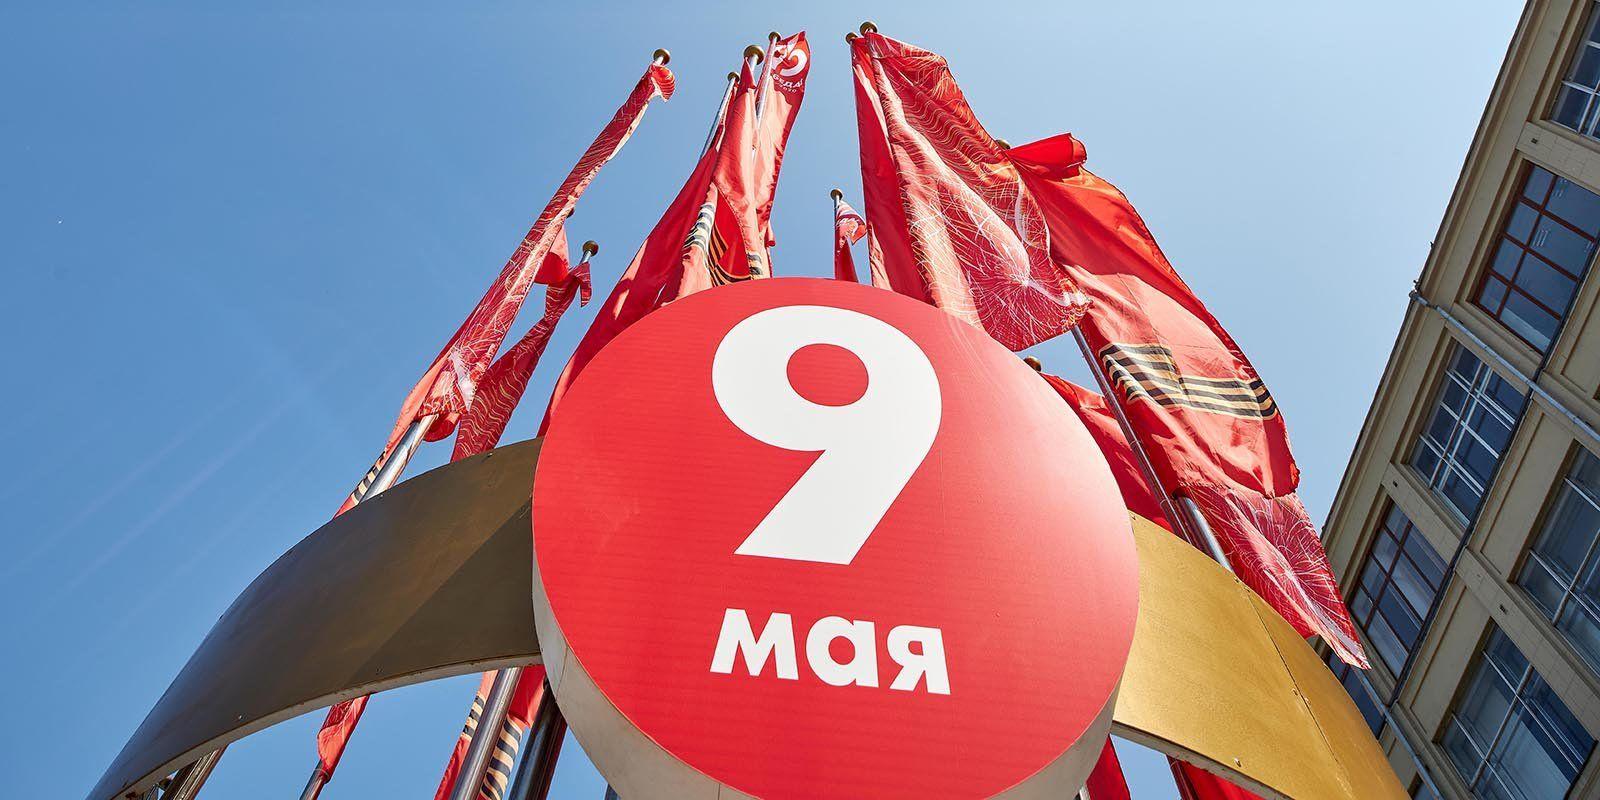 В Москве к 9 Мая установили декоративные конструкций